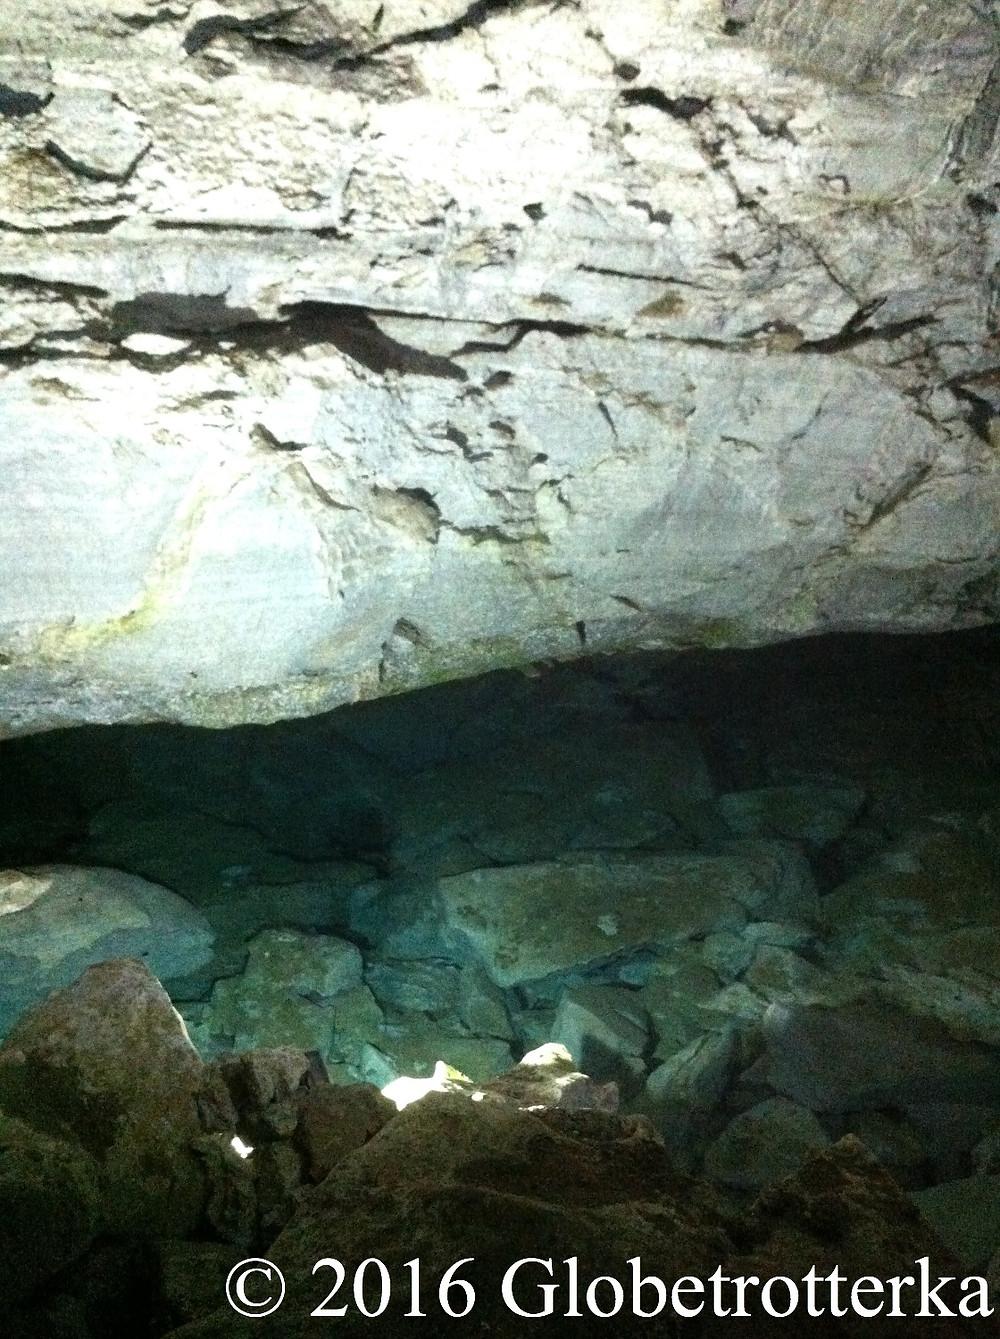 Un lac souterrain des grottes de Koungour. © 2016 Globetrotterka